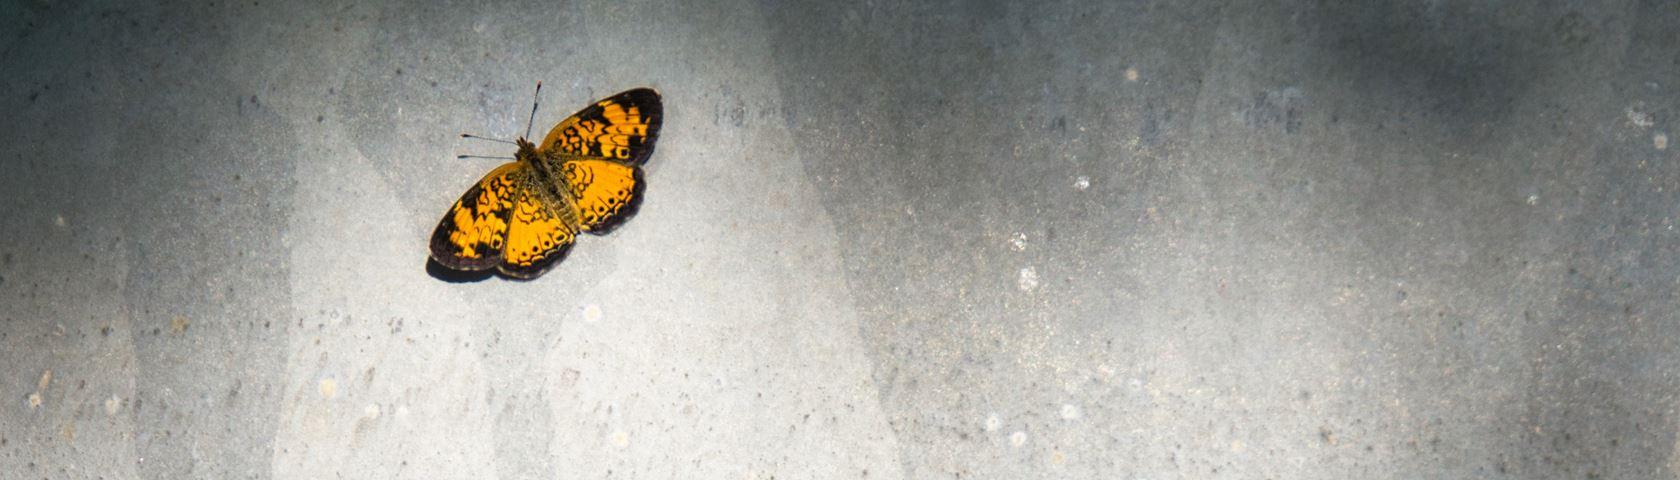 Butterfly on Guardrail